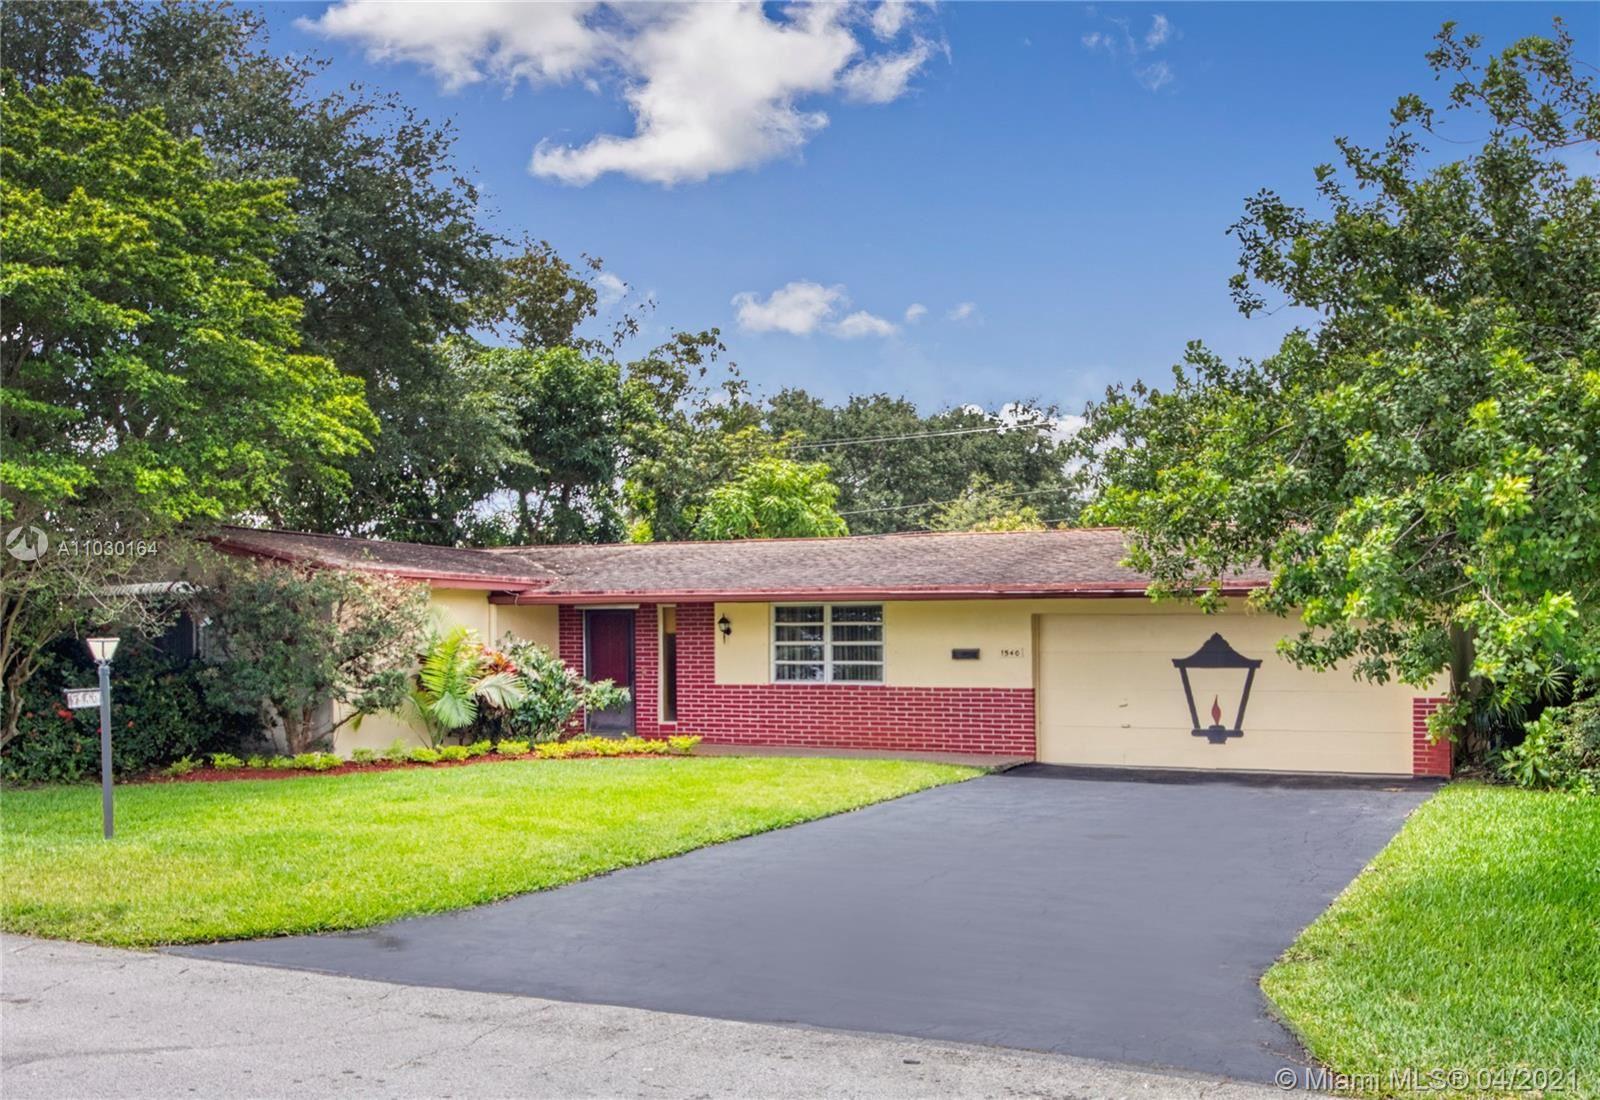 1540 NW 85th Way, Pembroke Pines, FL 33024 - #: A11030164